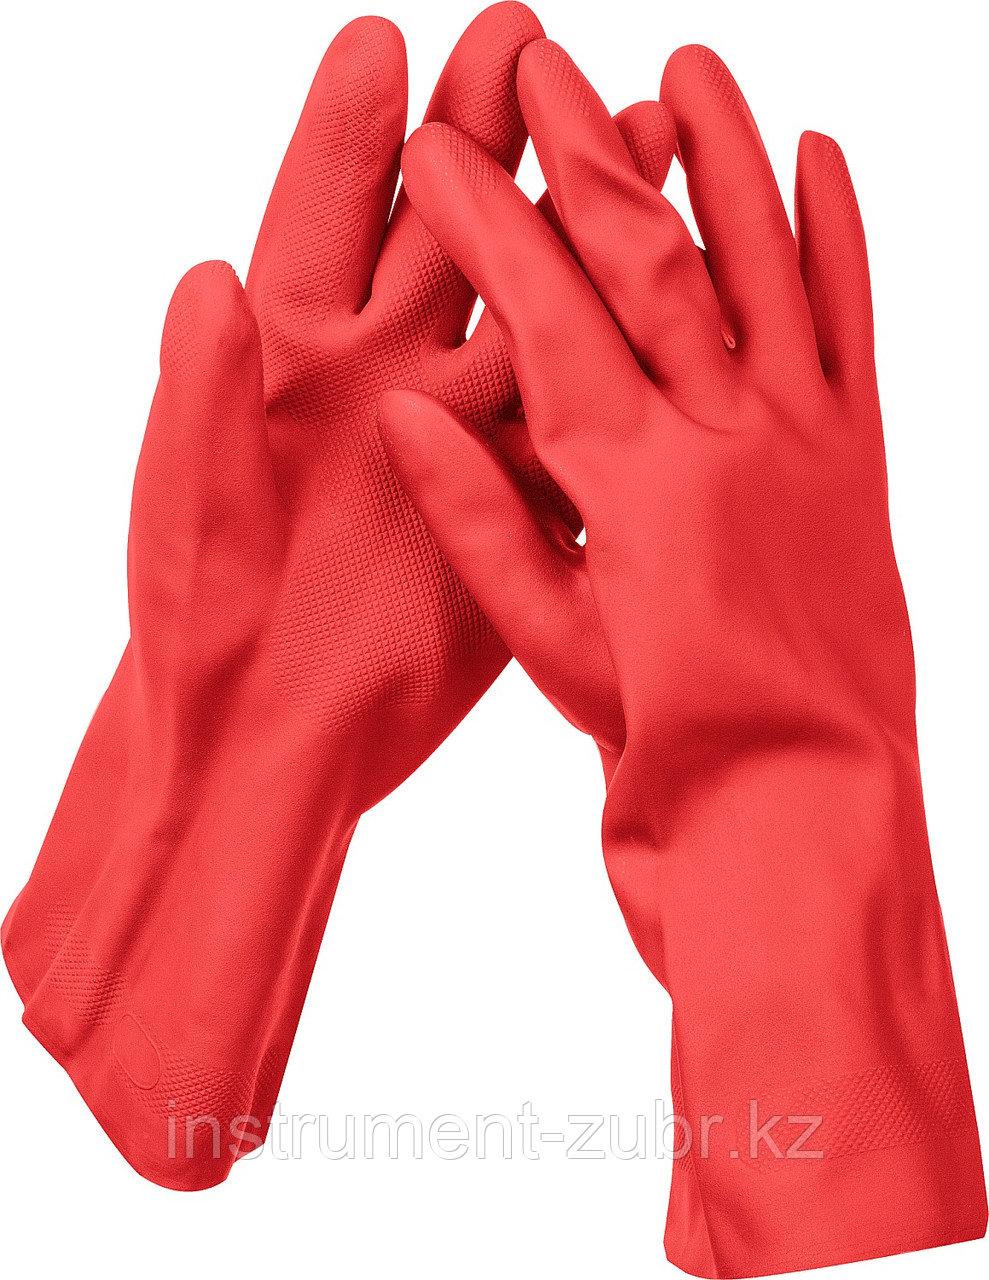 Перчатки латексные ЗУБР ЛАТЕКС хозяйственно-бытовые, стойкие к кислотам и щелочам, размер M